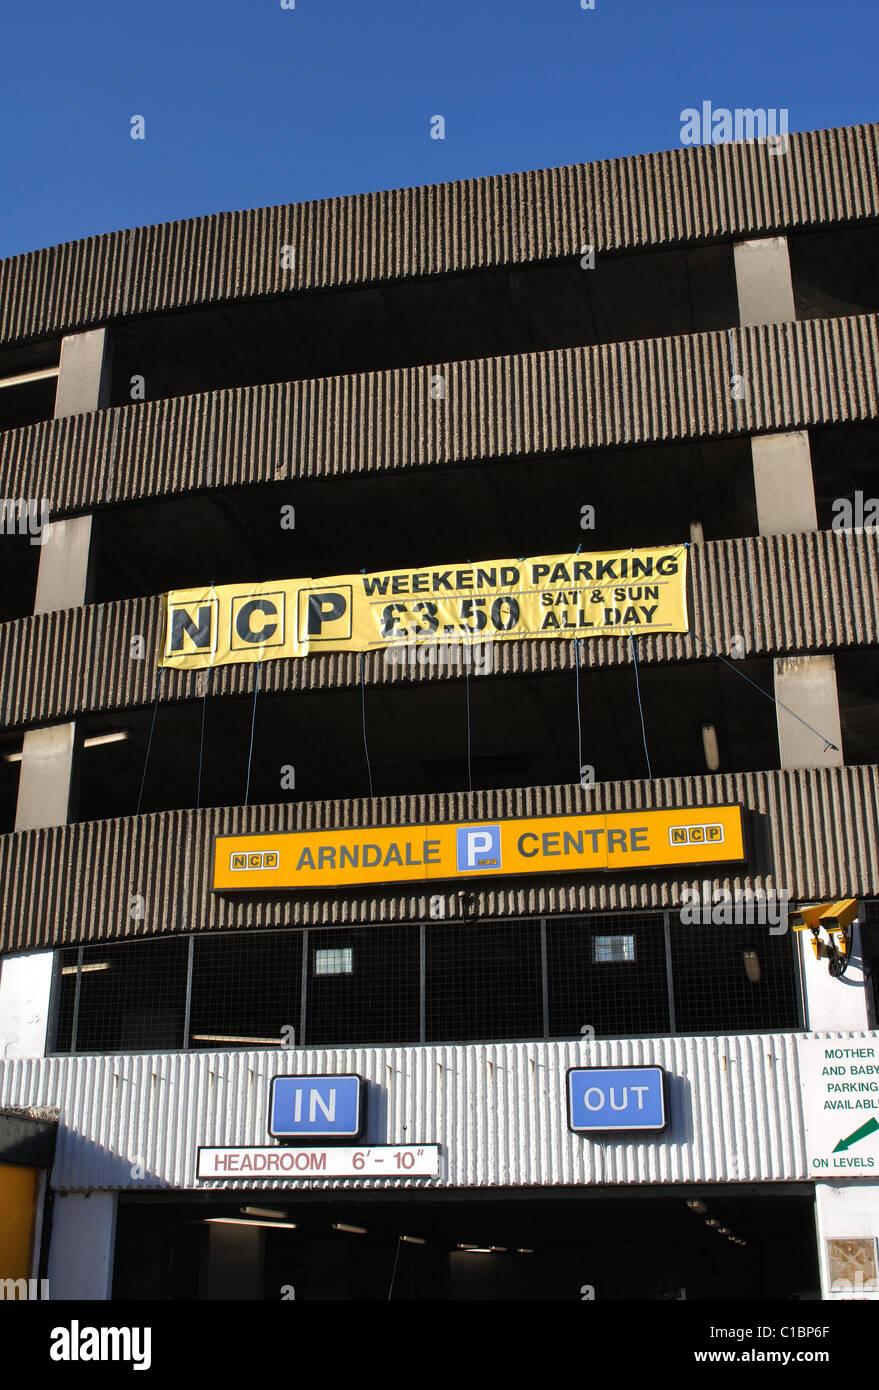 Glasgow Car Parking City Centre Ncp